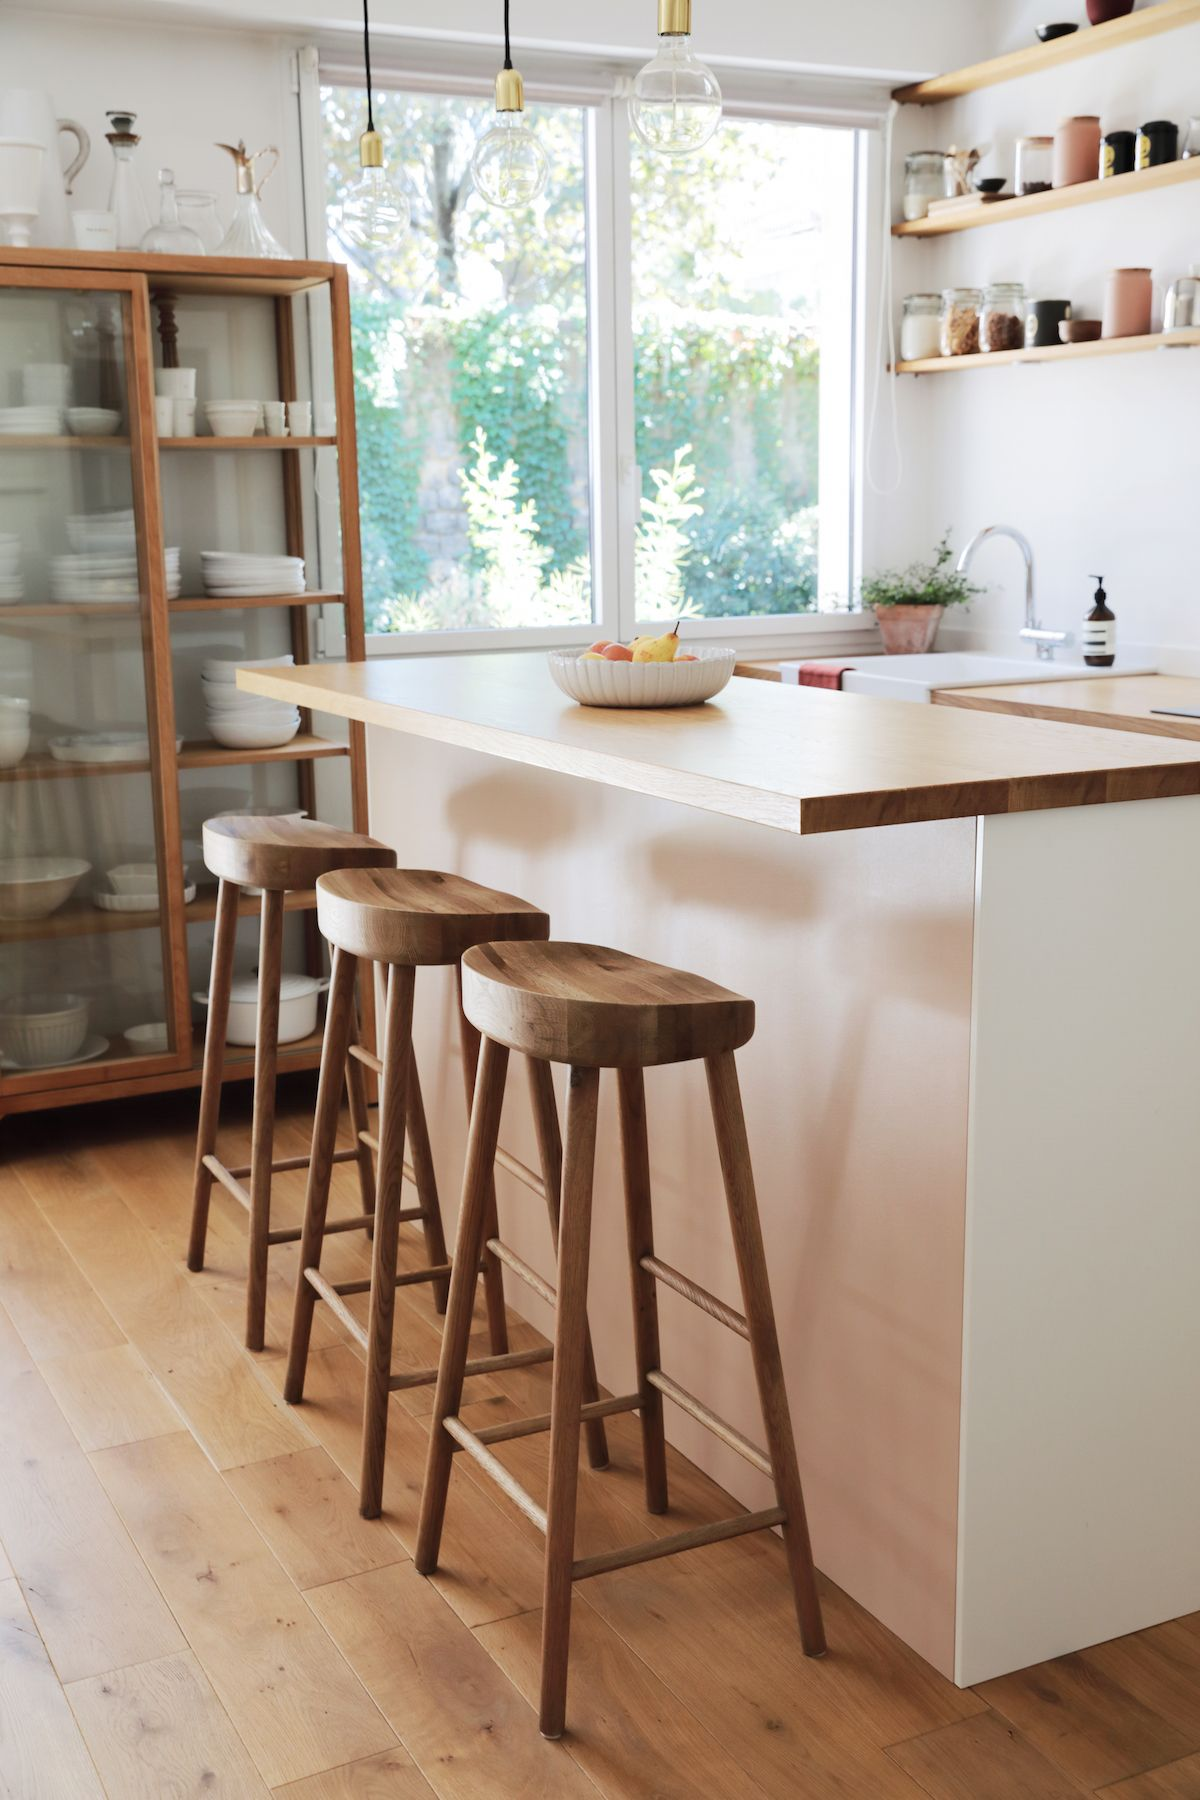 Bienvenue Dans L Appart A La Deco Naturelle Et Minimale De Laralovesparis Appartement Minimaliste Chaise Haute Cuisine Chaise Haute Bois